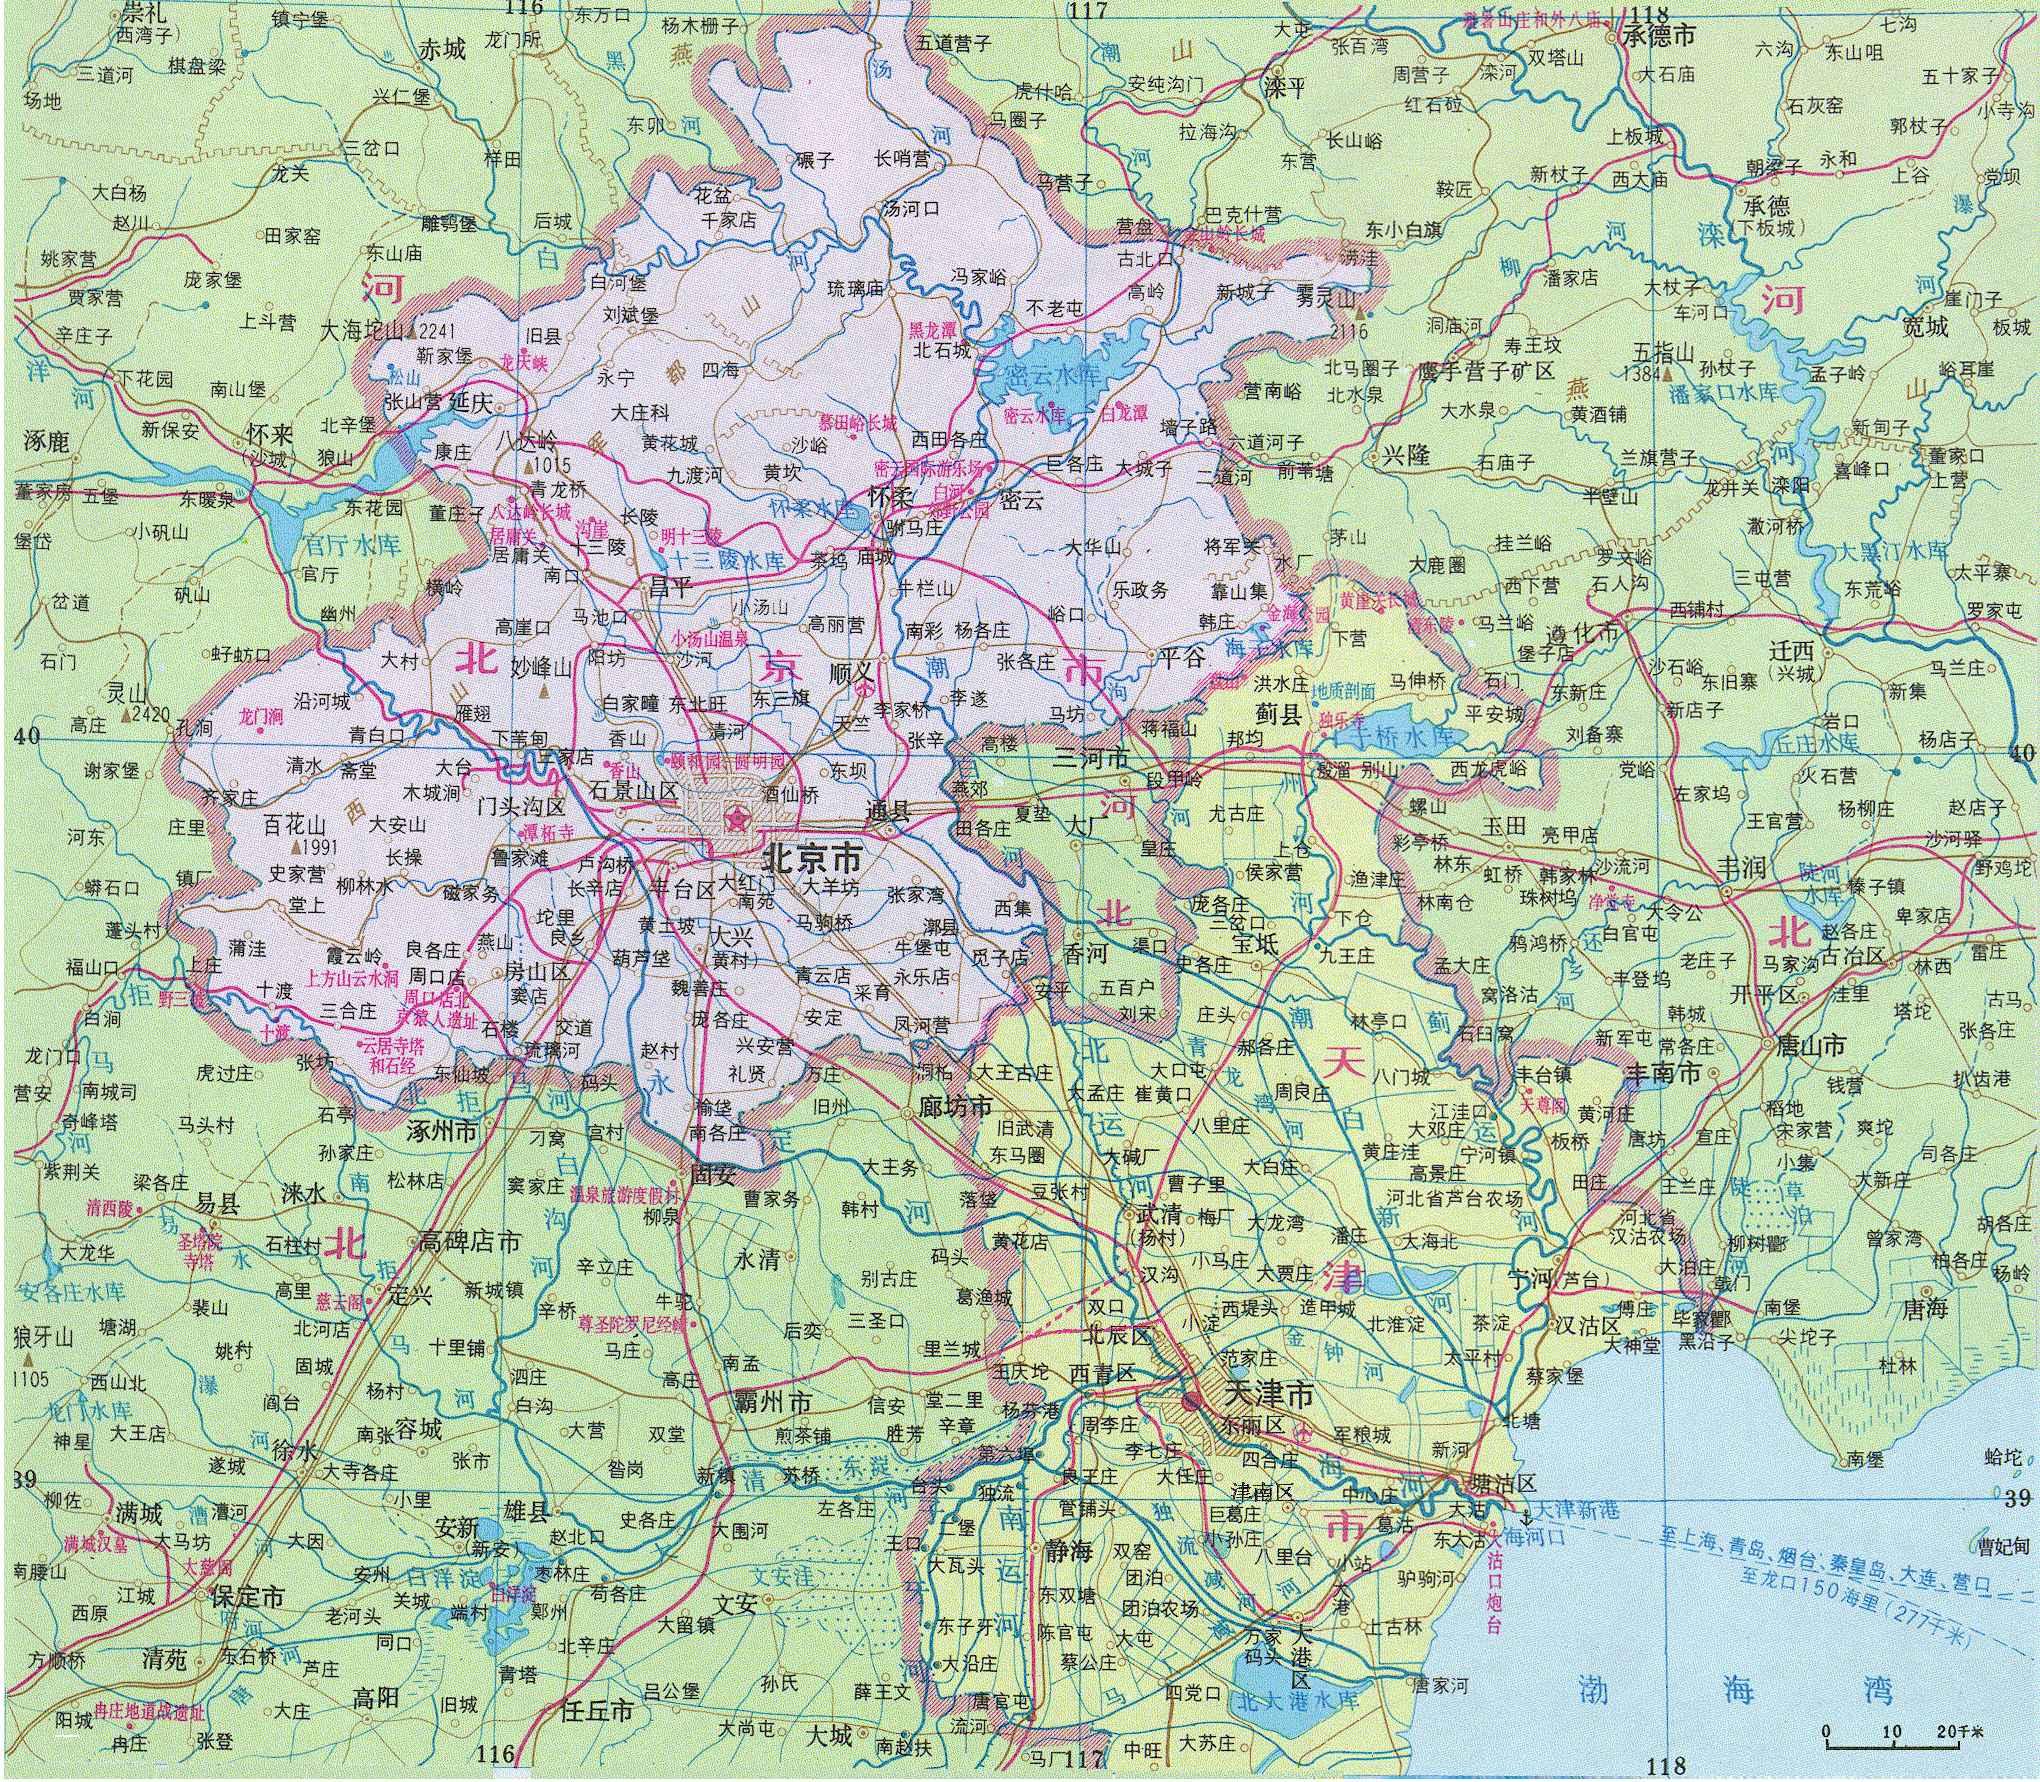 山西到秦皇岛铁路平面图